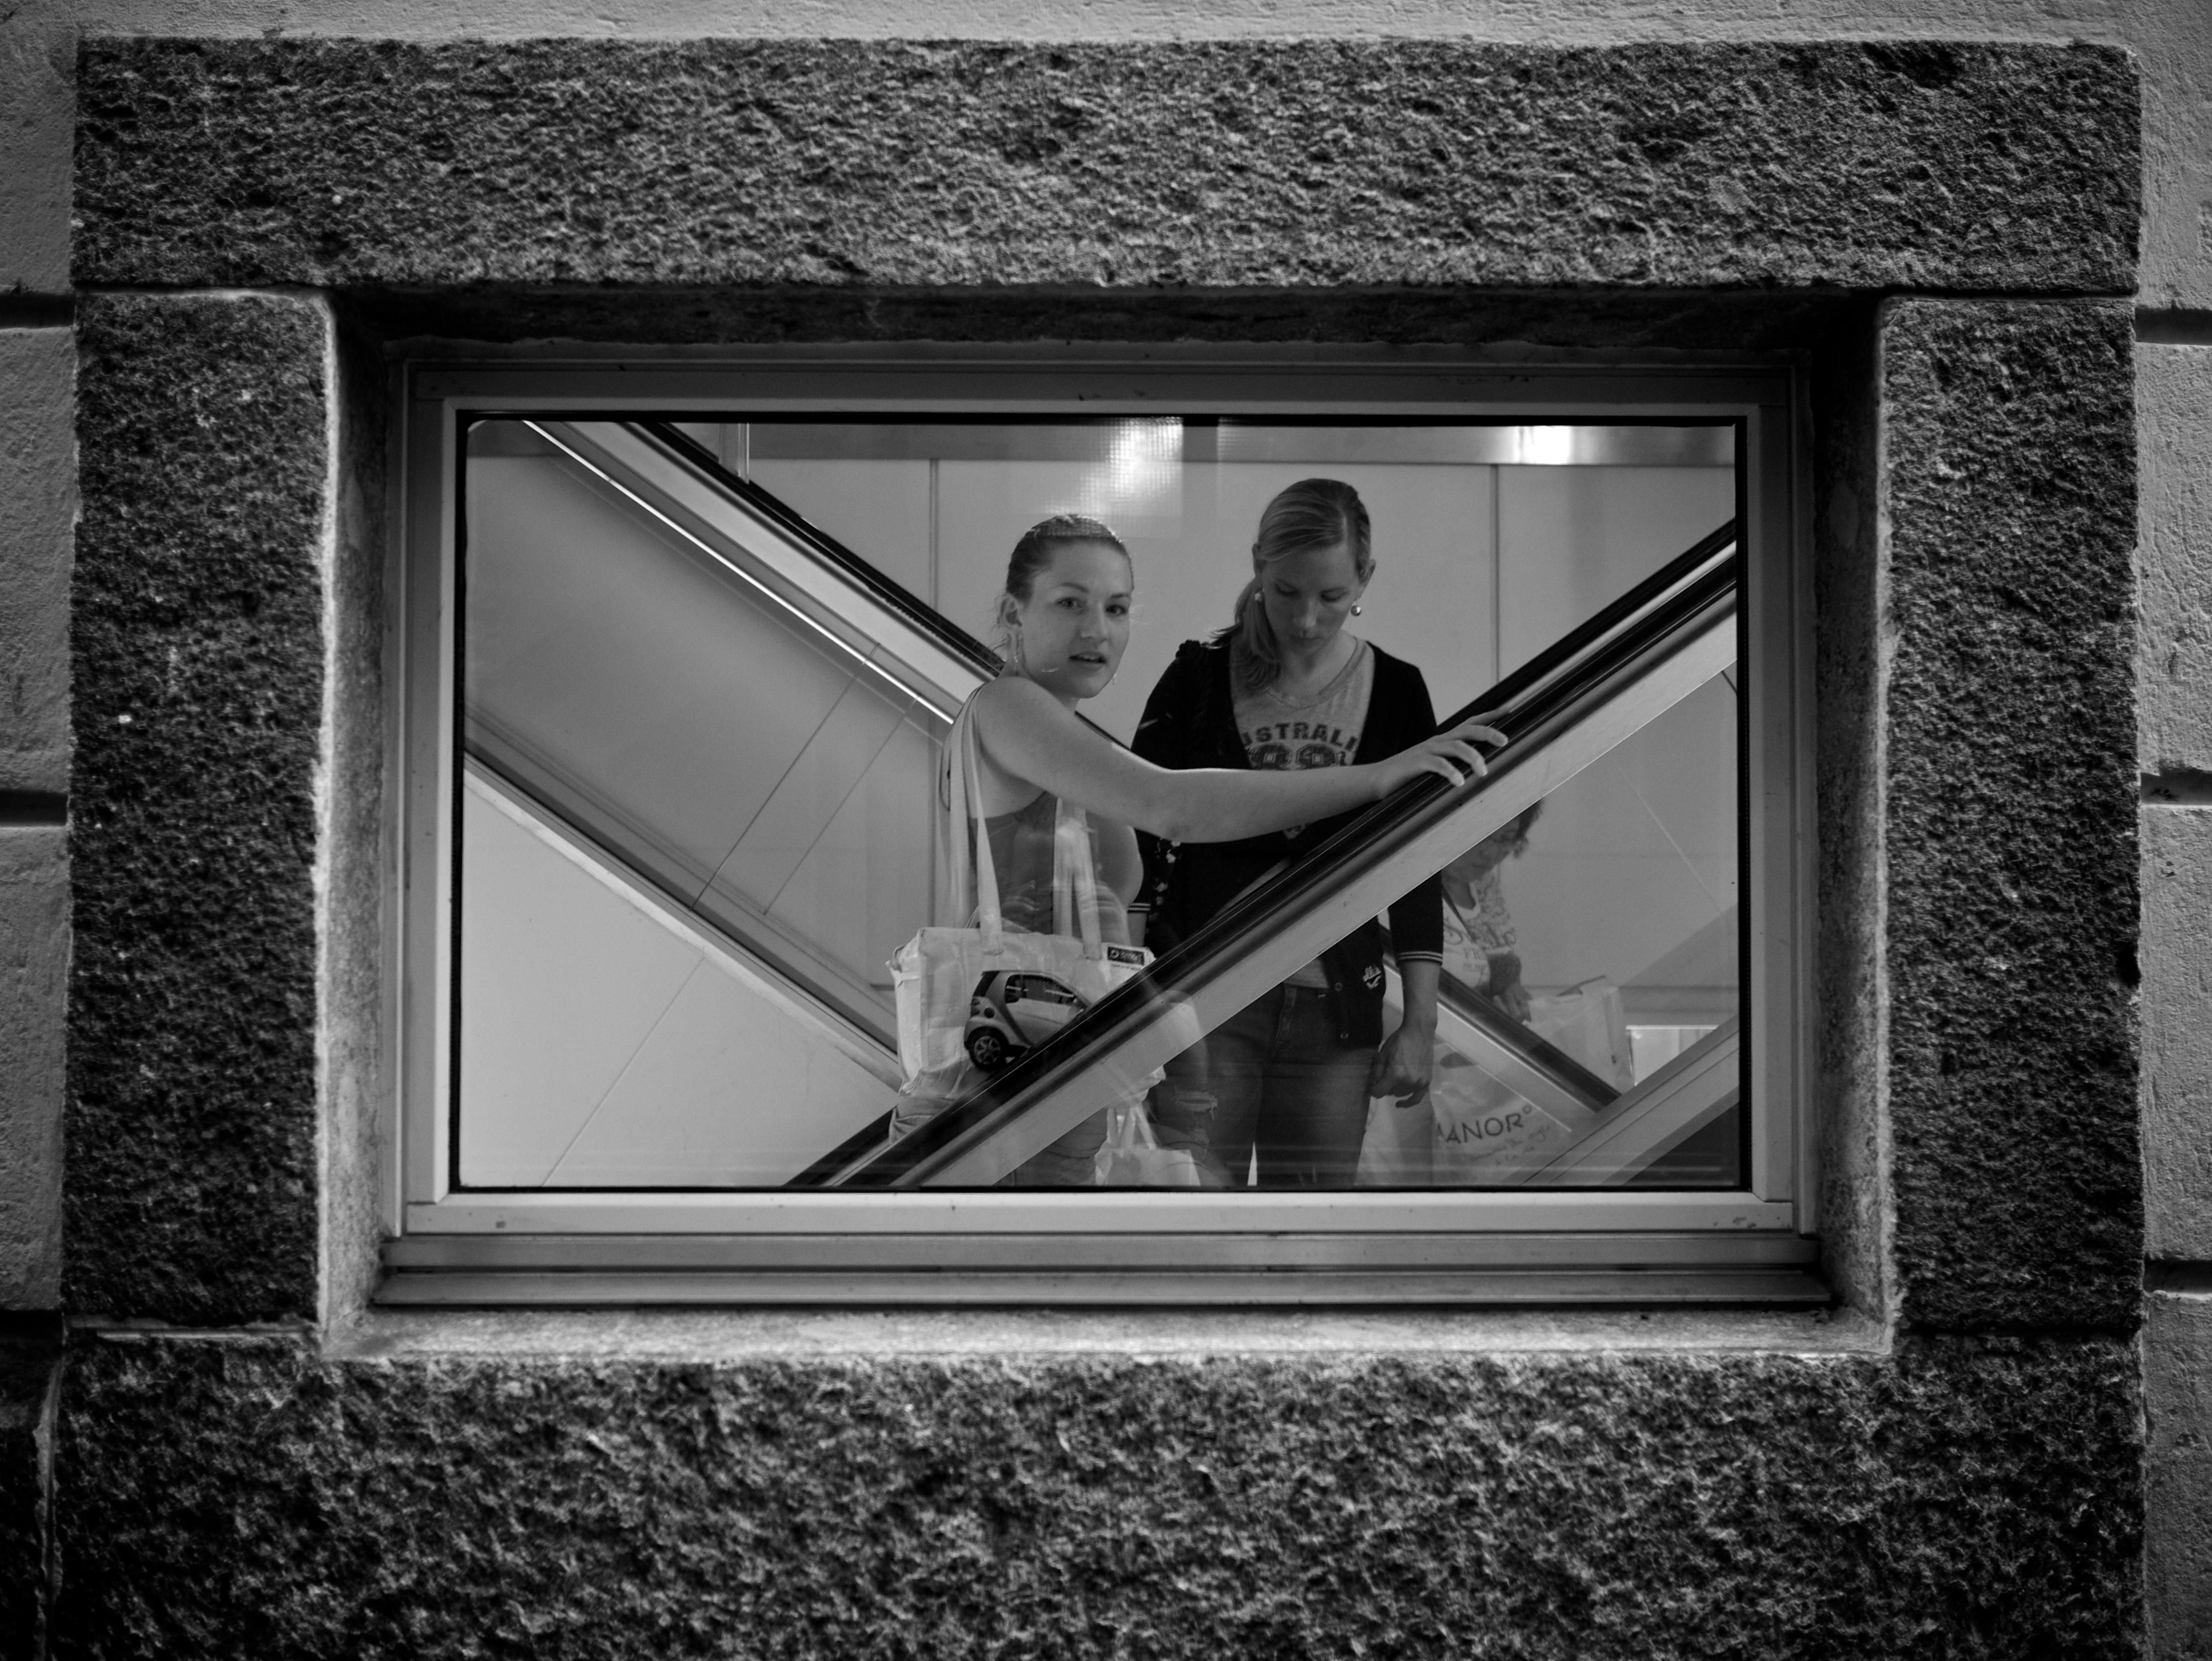 Kostenlose foto : Schwarz und weiß, Weiß, Straße, Fotografie ...